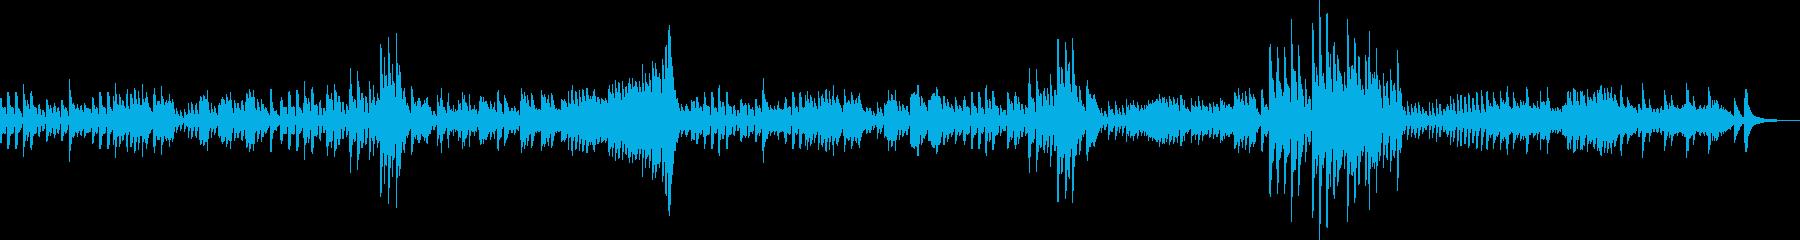 ベートーヴェンピアノソナタ第二番第二章の再生済みの波形